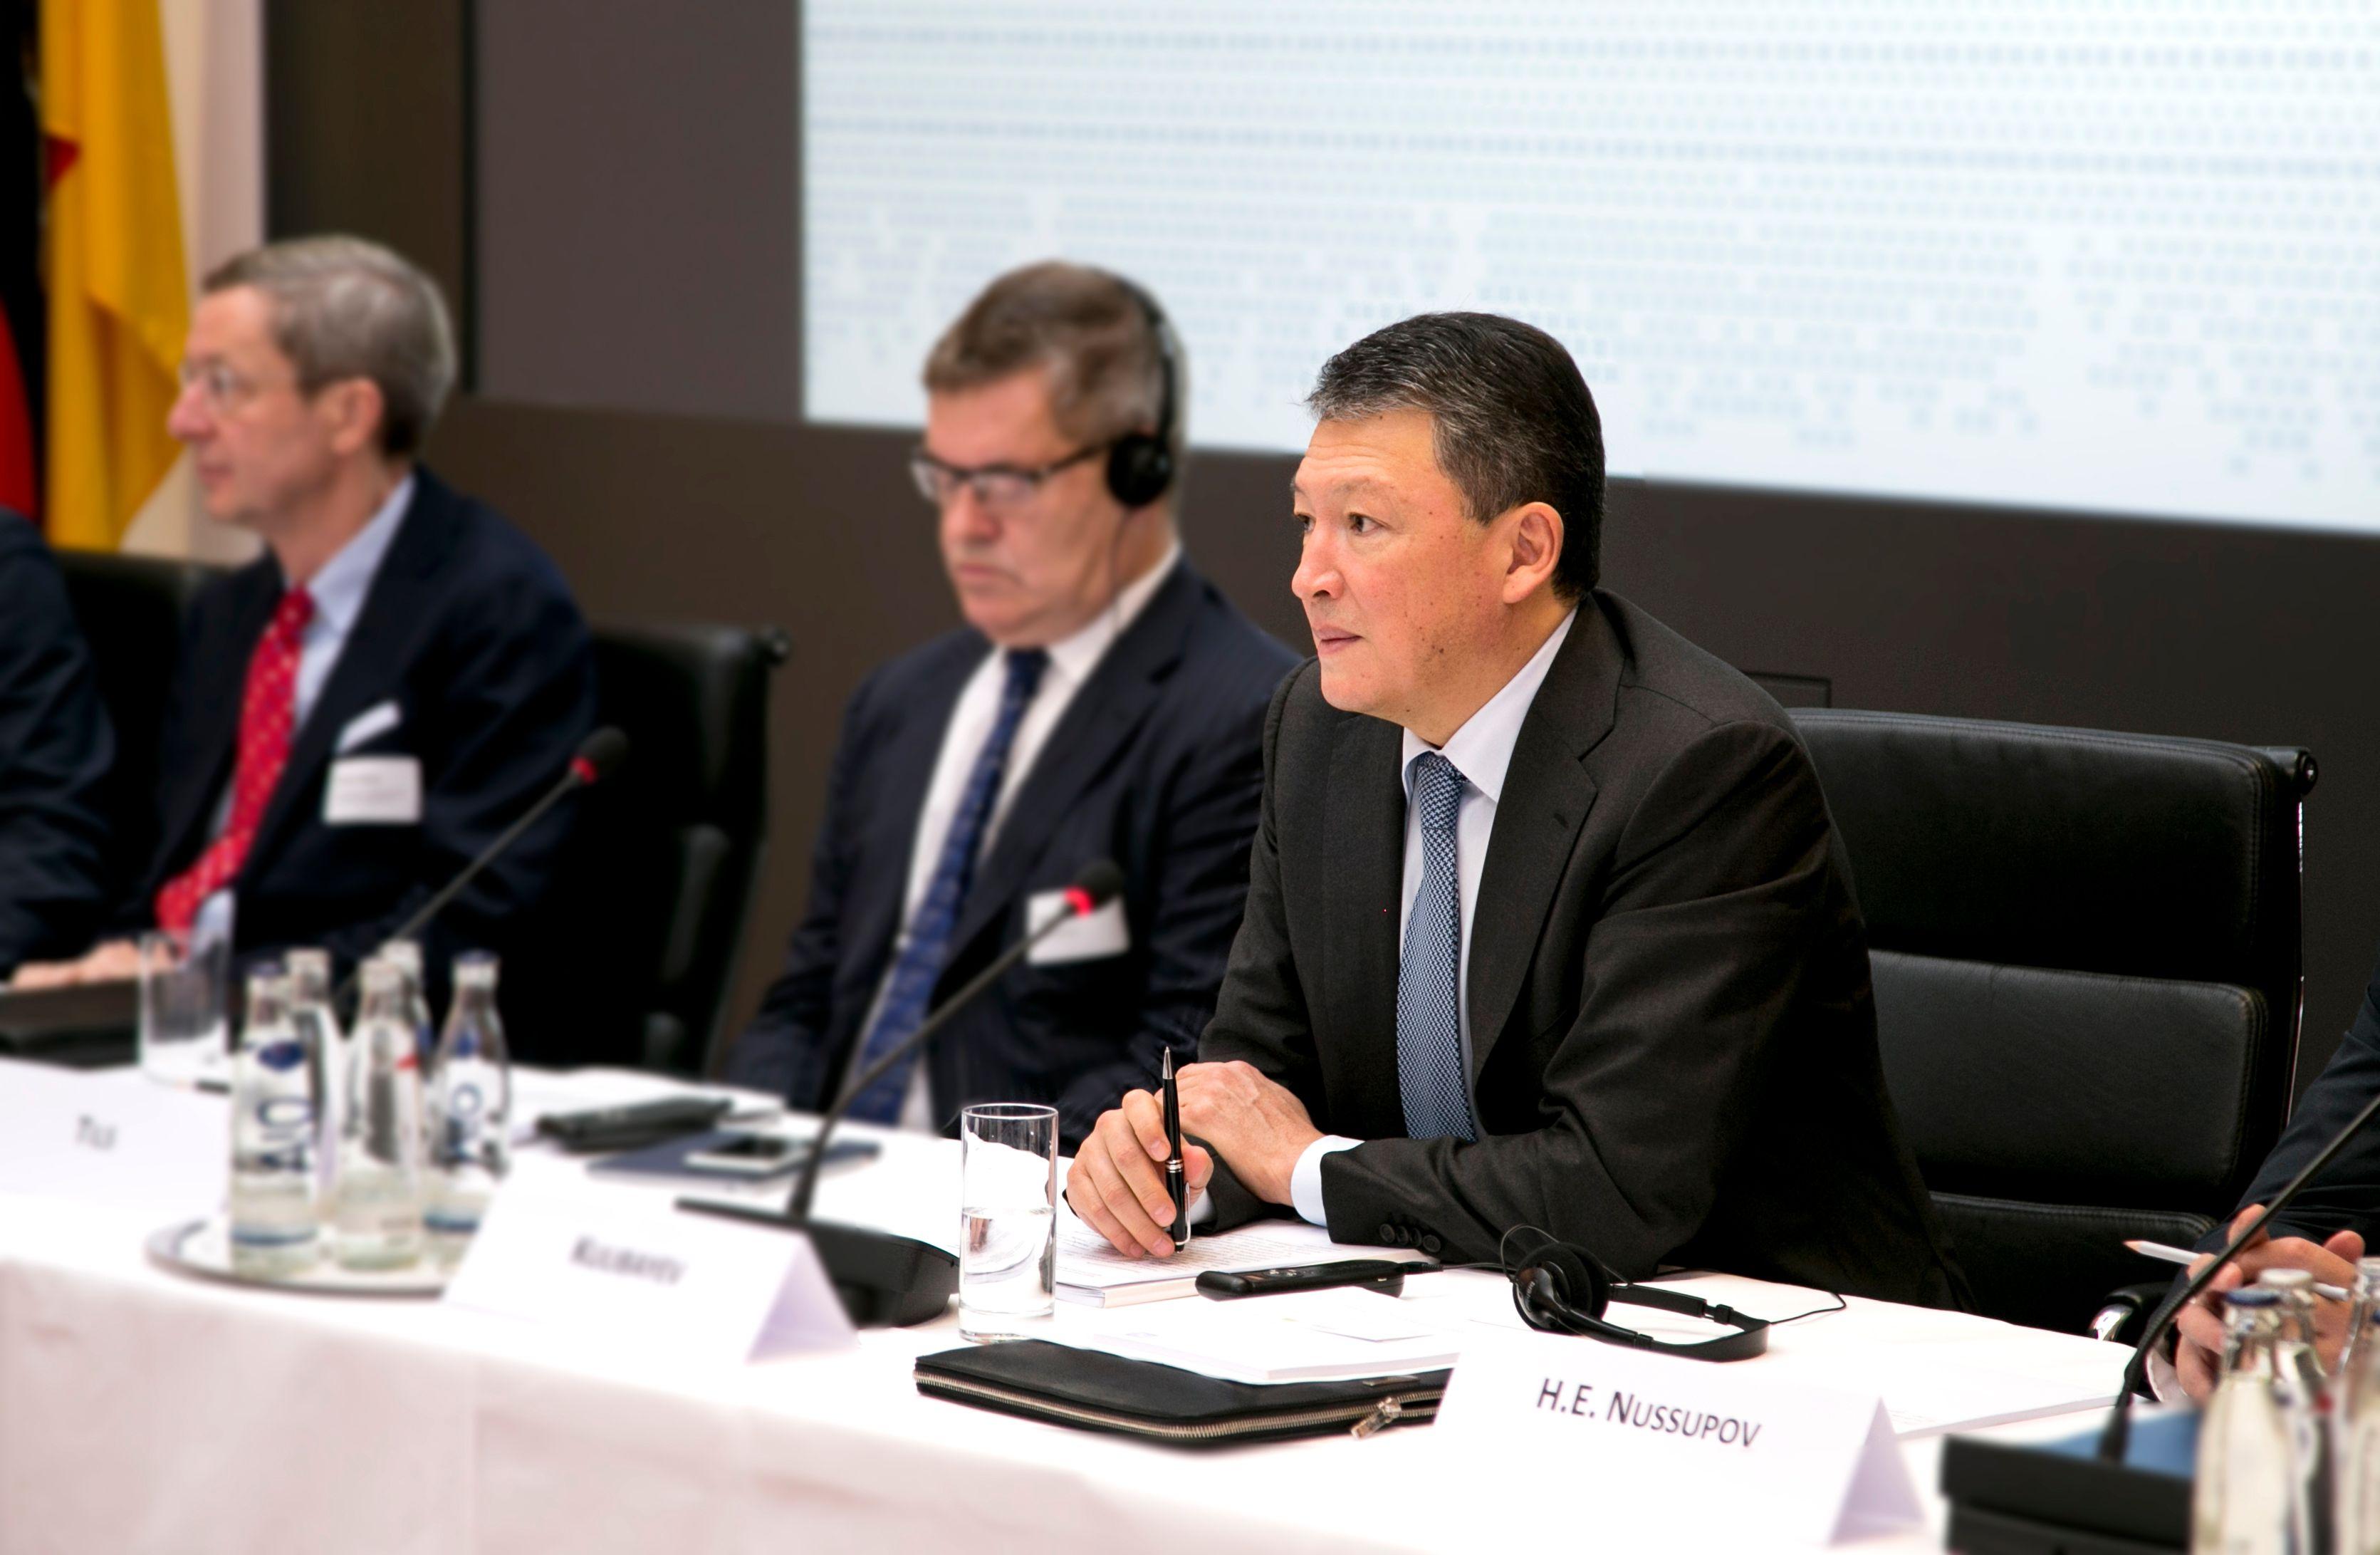 Тимур Кулибаев: Казахстан перенимает опыт Германии поразвитию несырьевого сектора- Kapital.kz